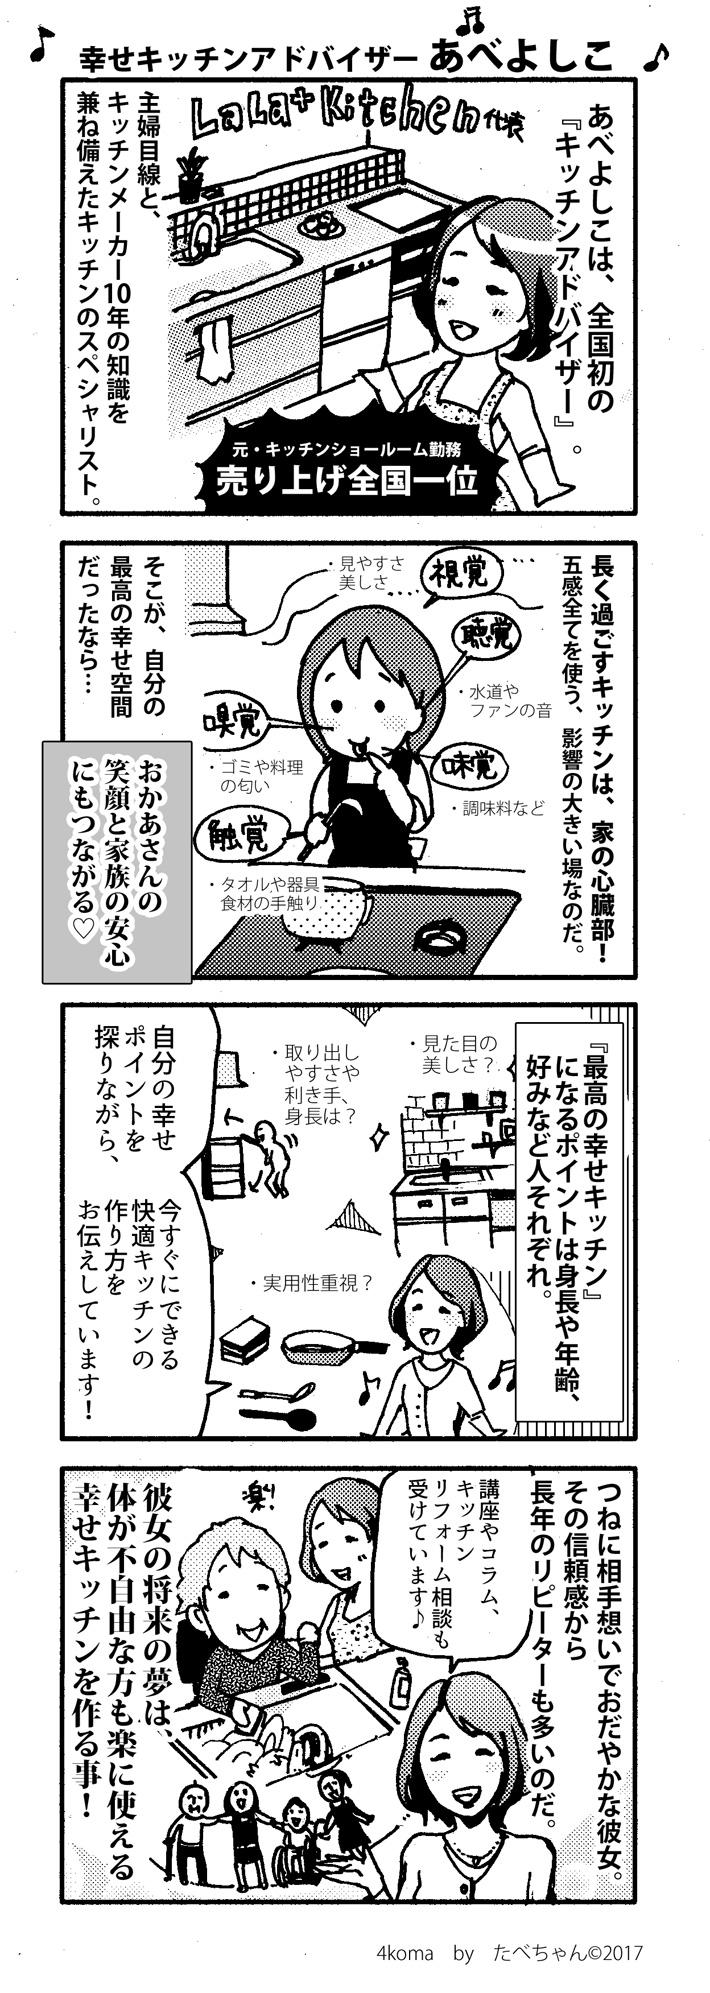 幸せキッチンアドバイザー 阿部美子(あべよしこ)